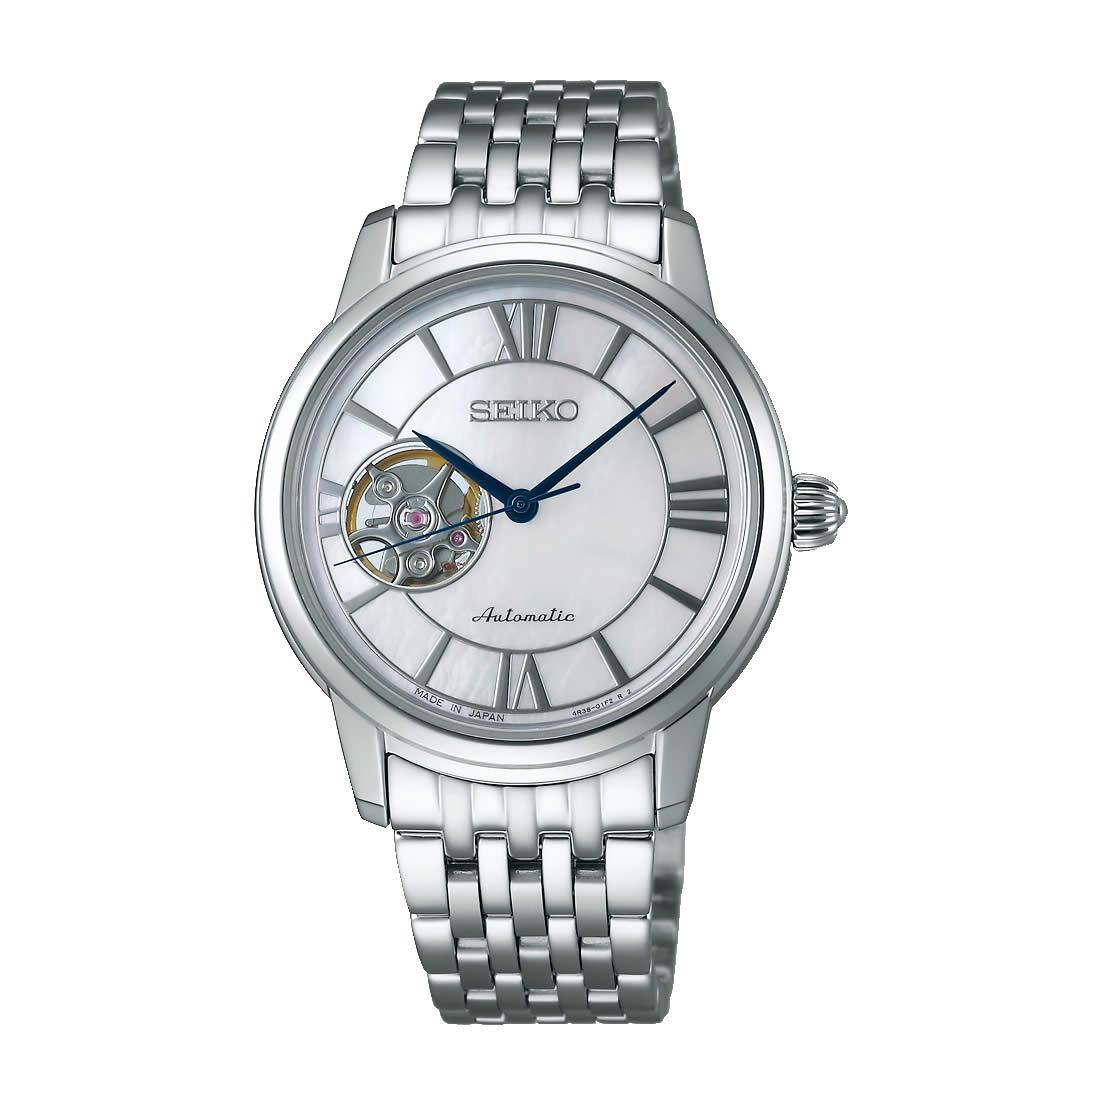 【送料無料】【国内正規品】セイコー プレサージュ SEIKO PRESAGE 腕時計 レディース 自動巻き SRRY021 クラシックコレクション 時計 ブランド 白蝶貝 メカニカル 人気 激安 うでどけい とけい WATCH 時計【取り寄せ】